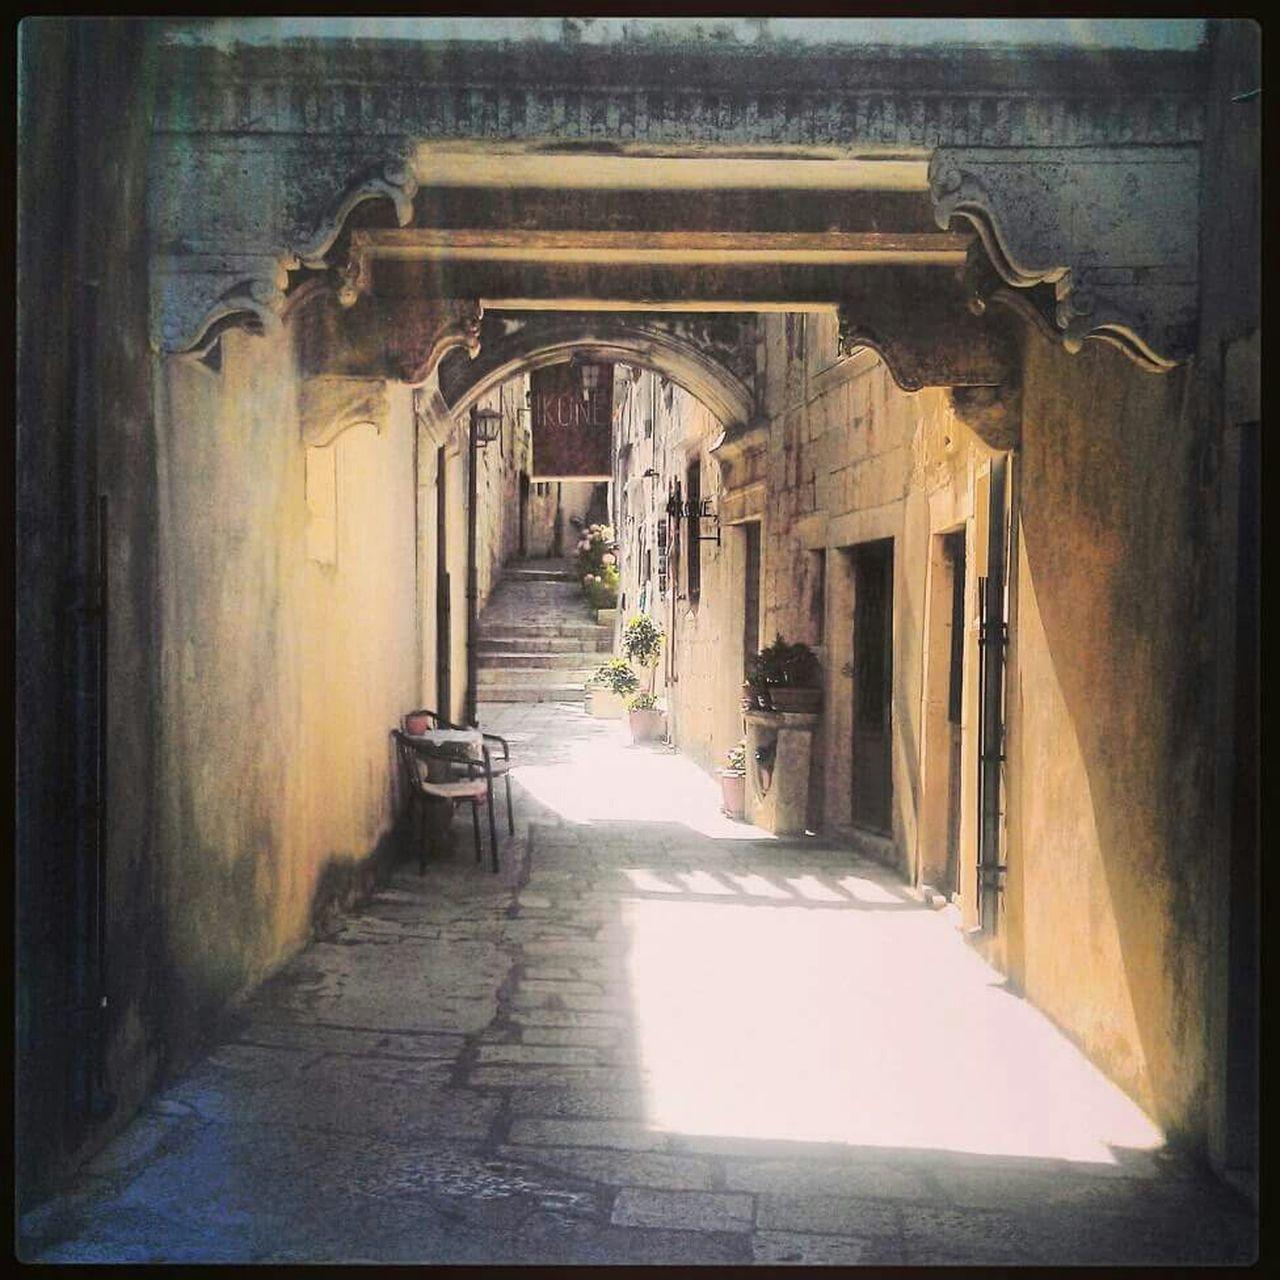 Walkway Amidst Buildings